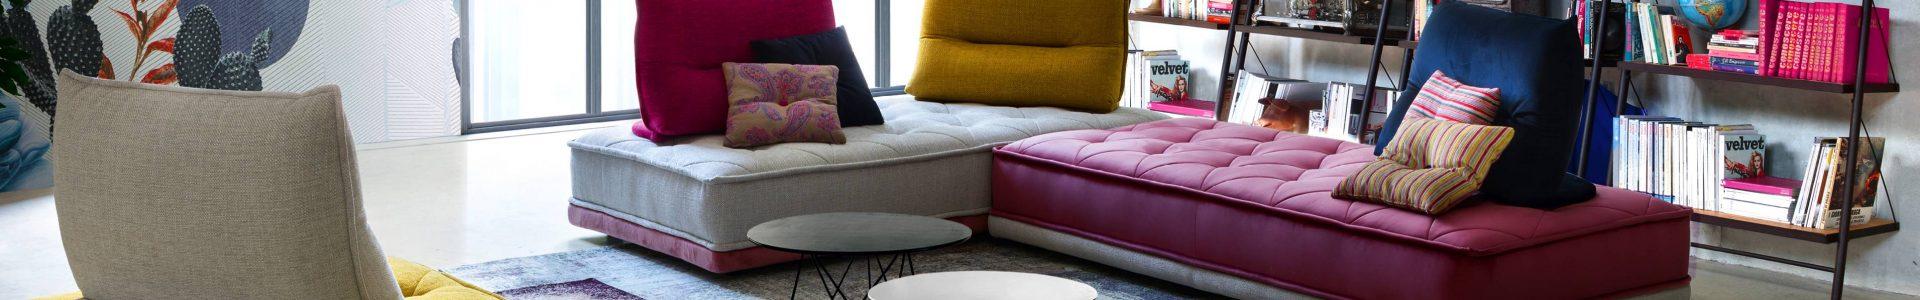 Ce salon modulable, aux dossiers coussins modulables, est entièrement personnalisable.